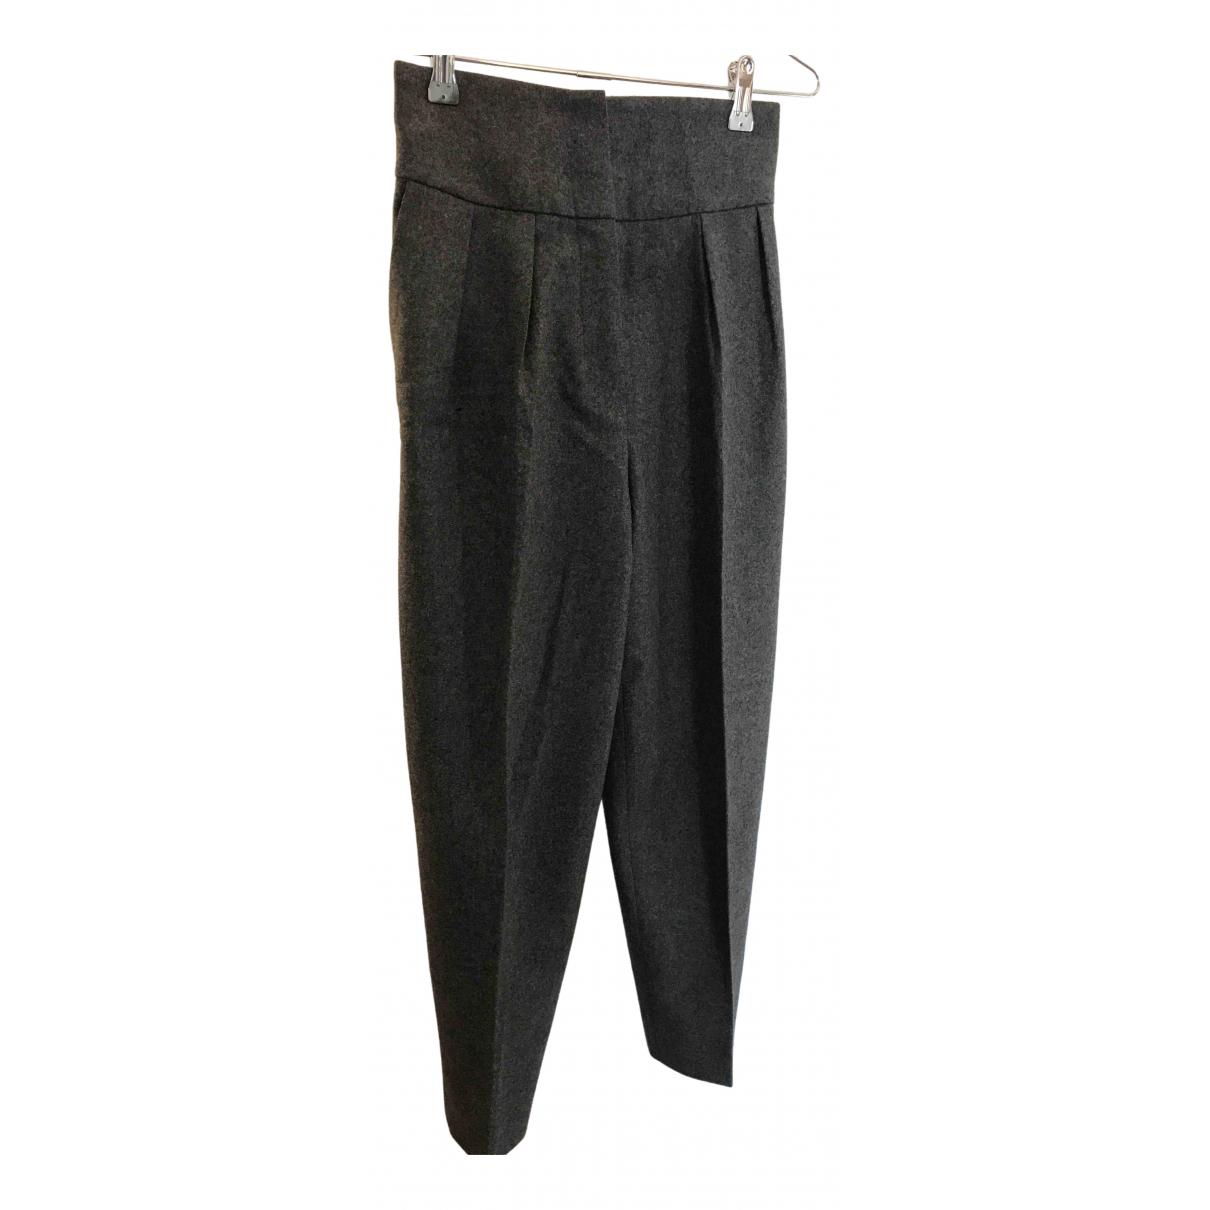 Pantalon de Lana Saint Laurent